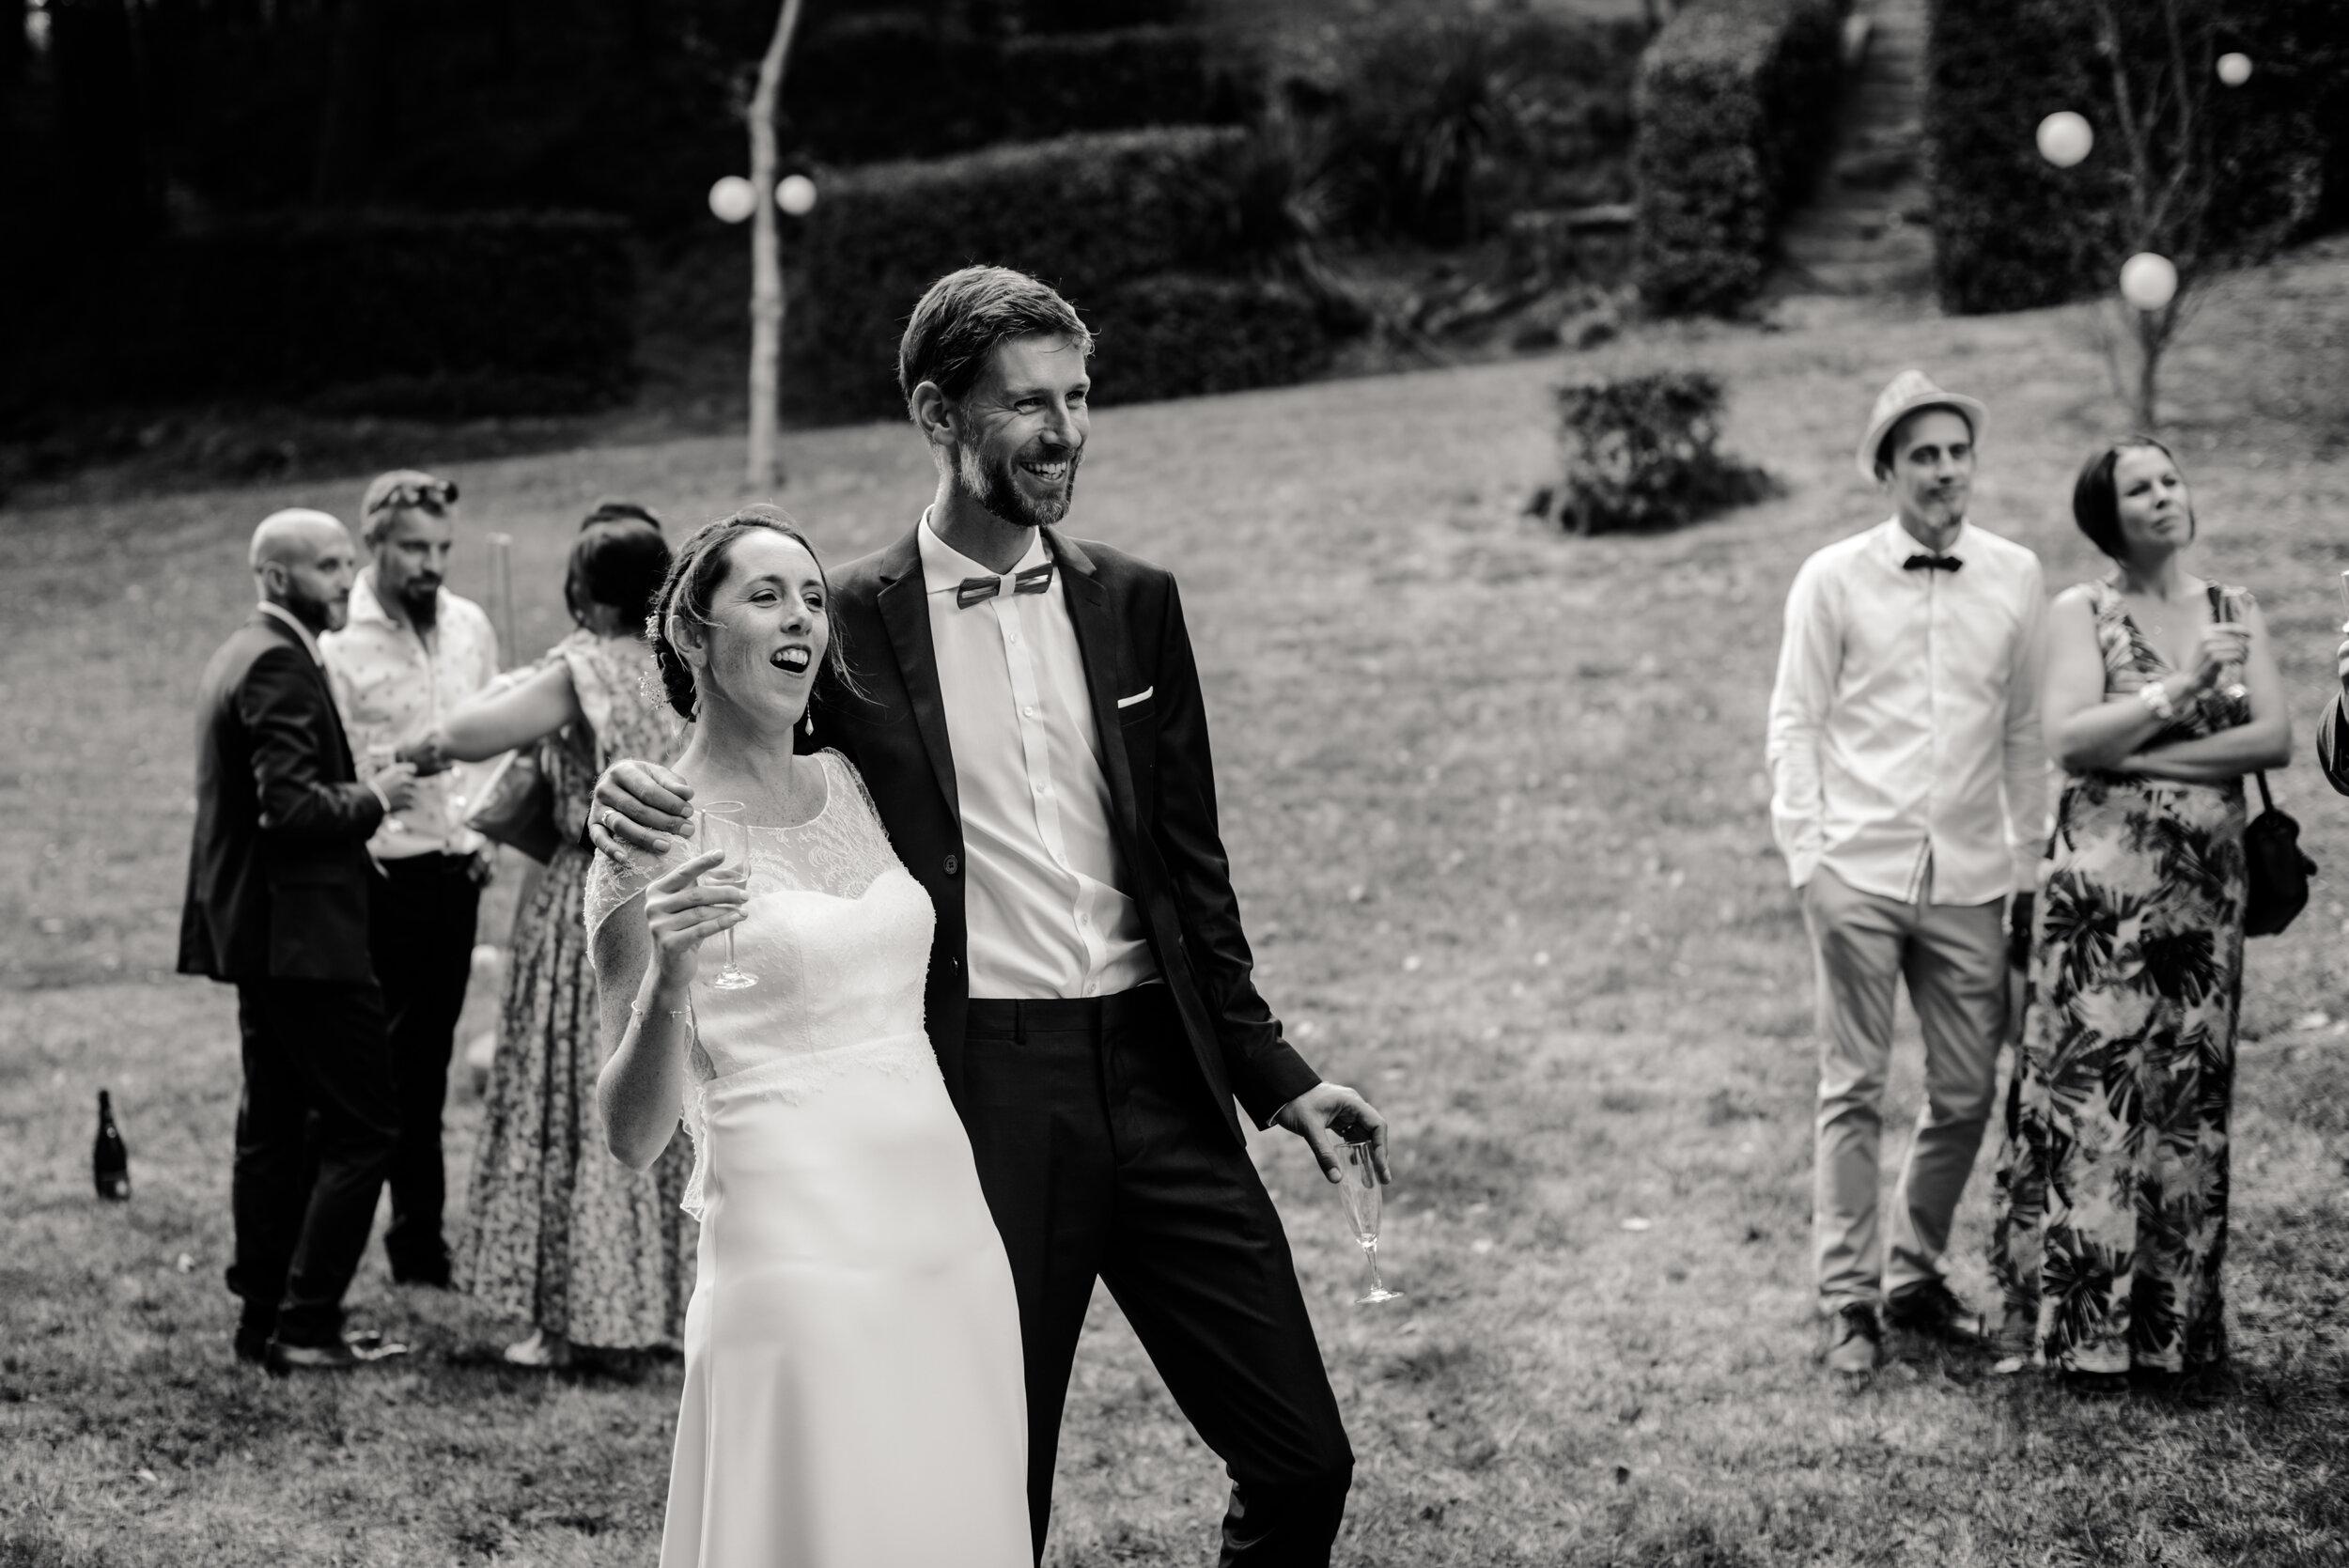 Léa-Fery-photographe-professionnel-Bretagne-portrait-creation-mariage-evenement-evenementiel-famille-2634.jpg